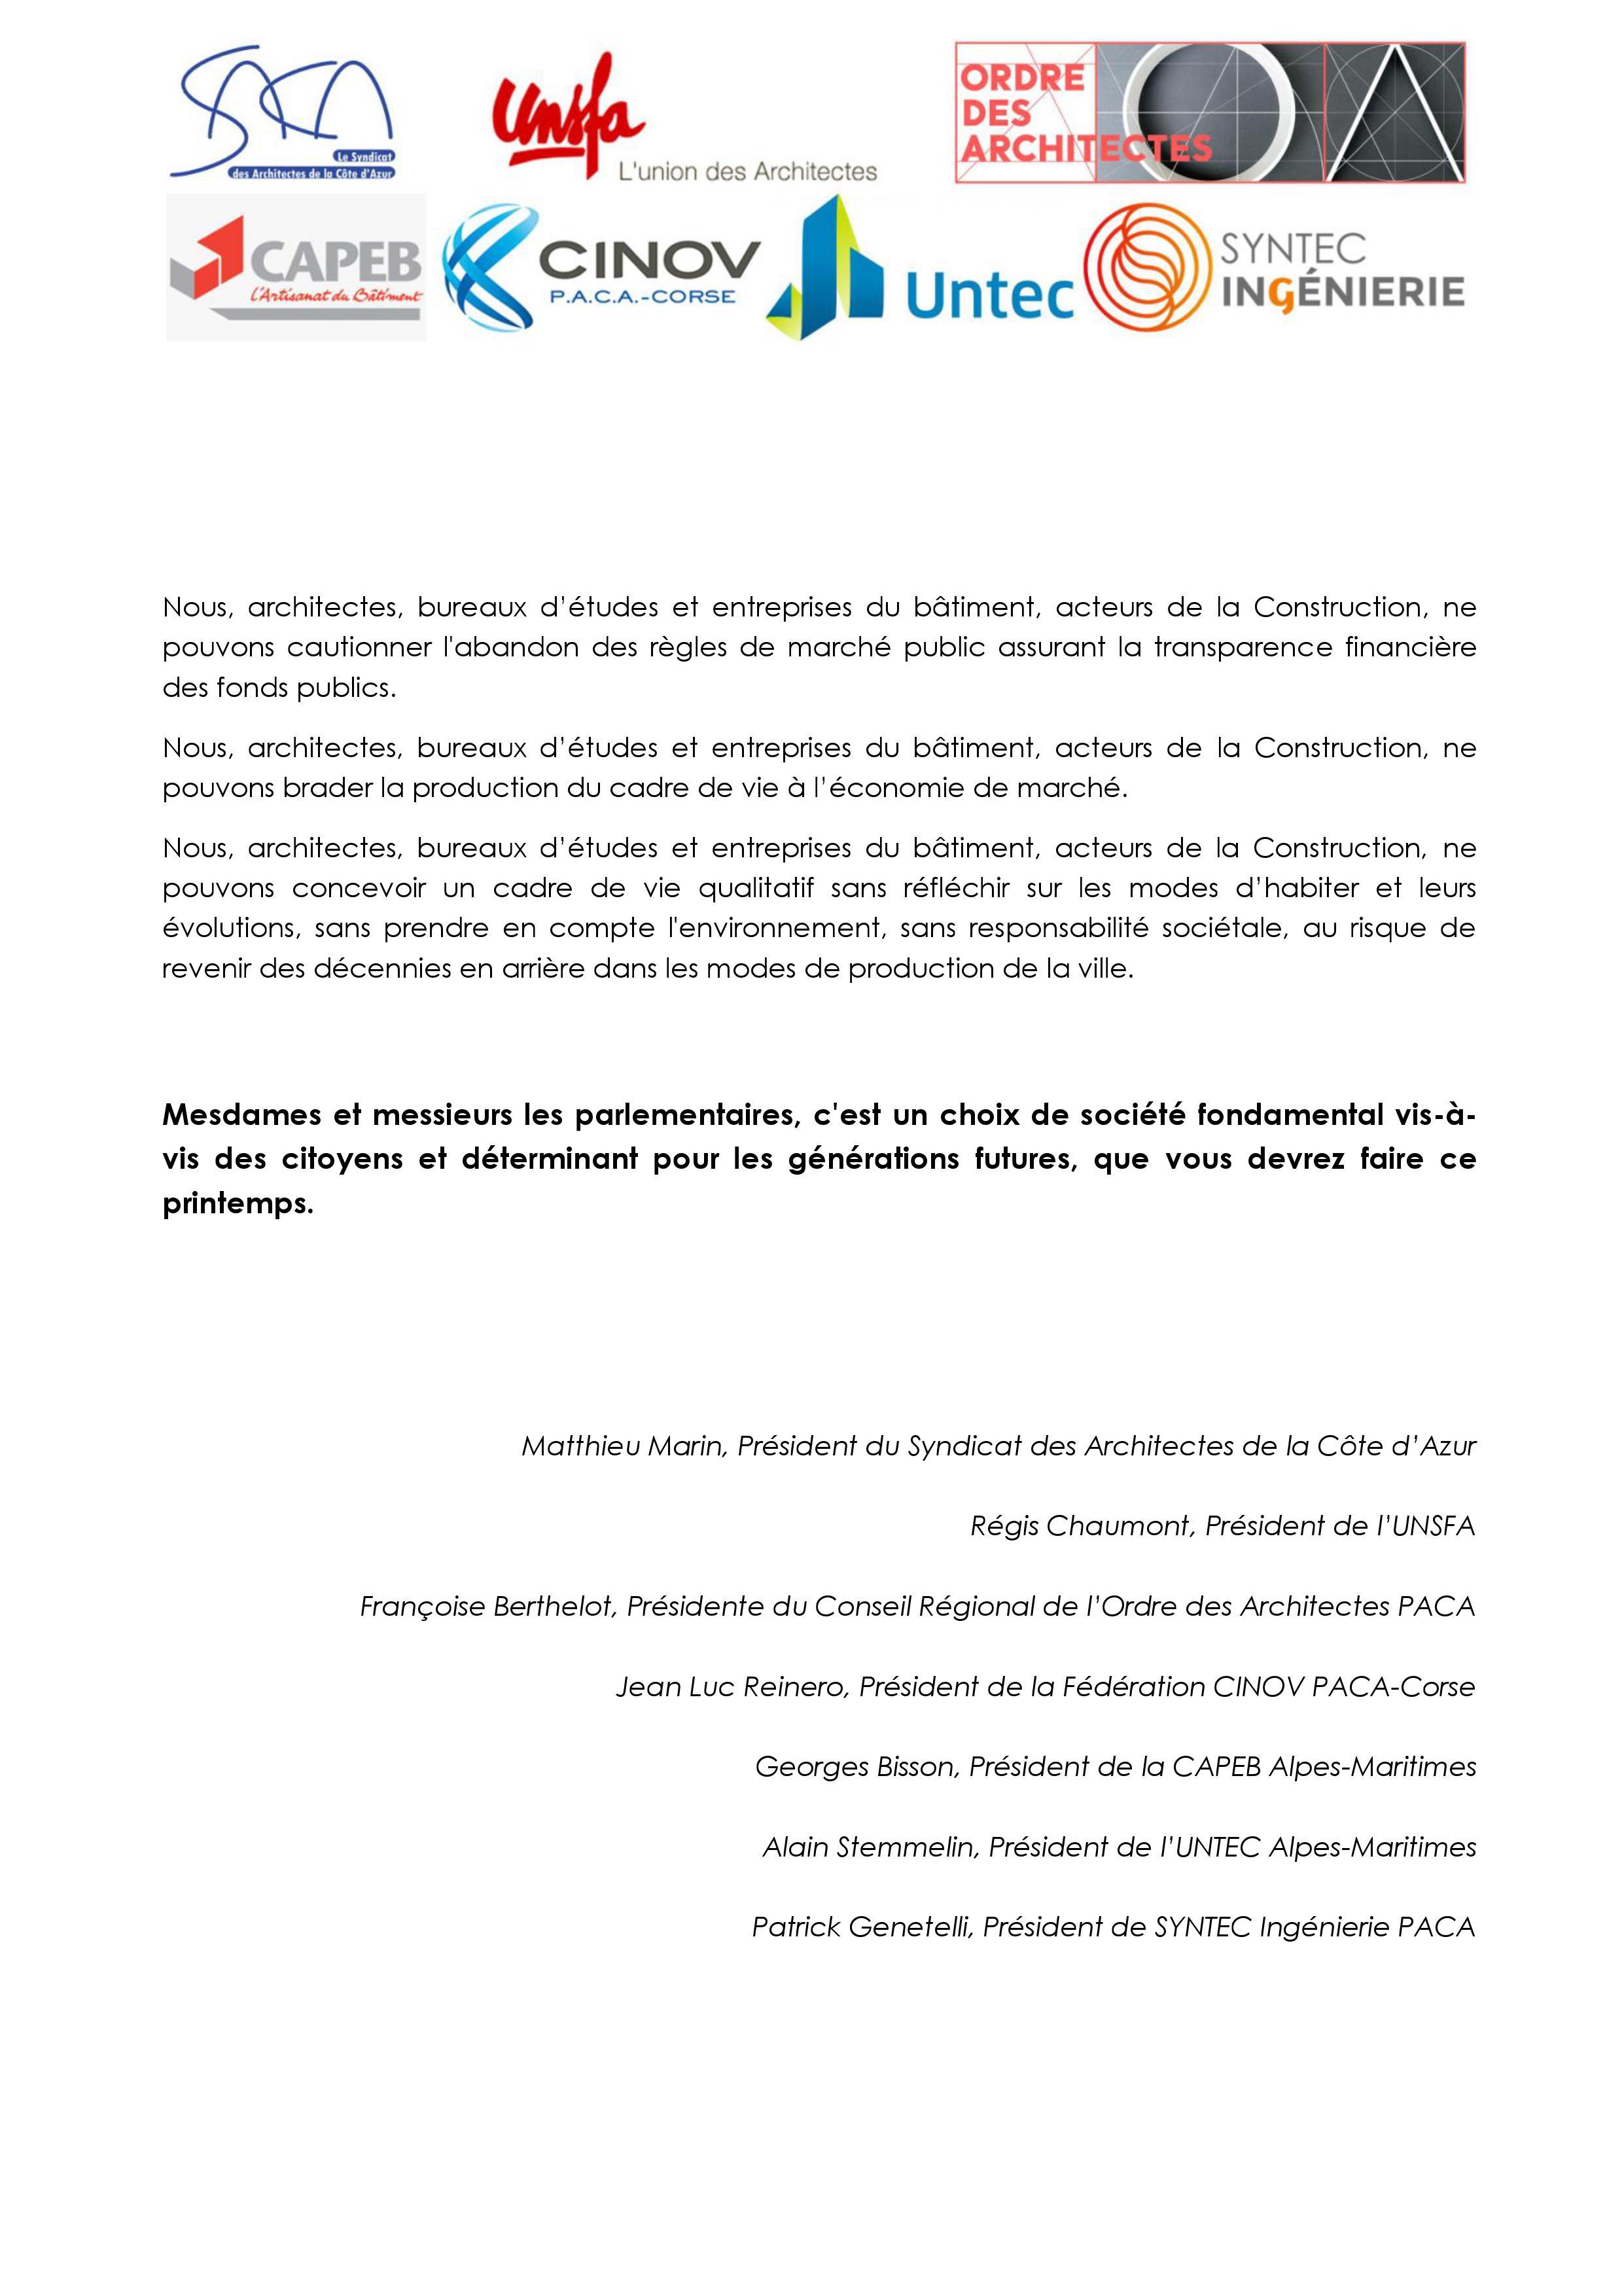 Le saca syndicat des architectes de la c te d 39 azur for Loi sur les constructions